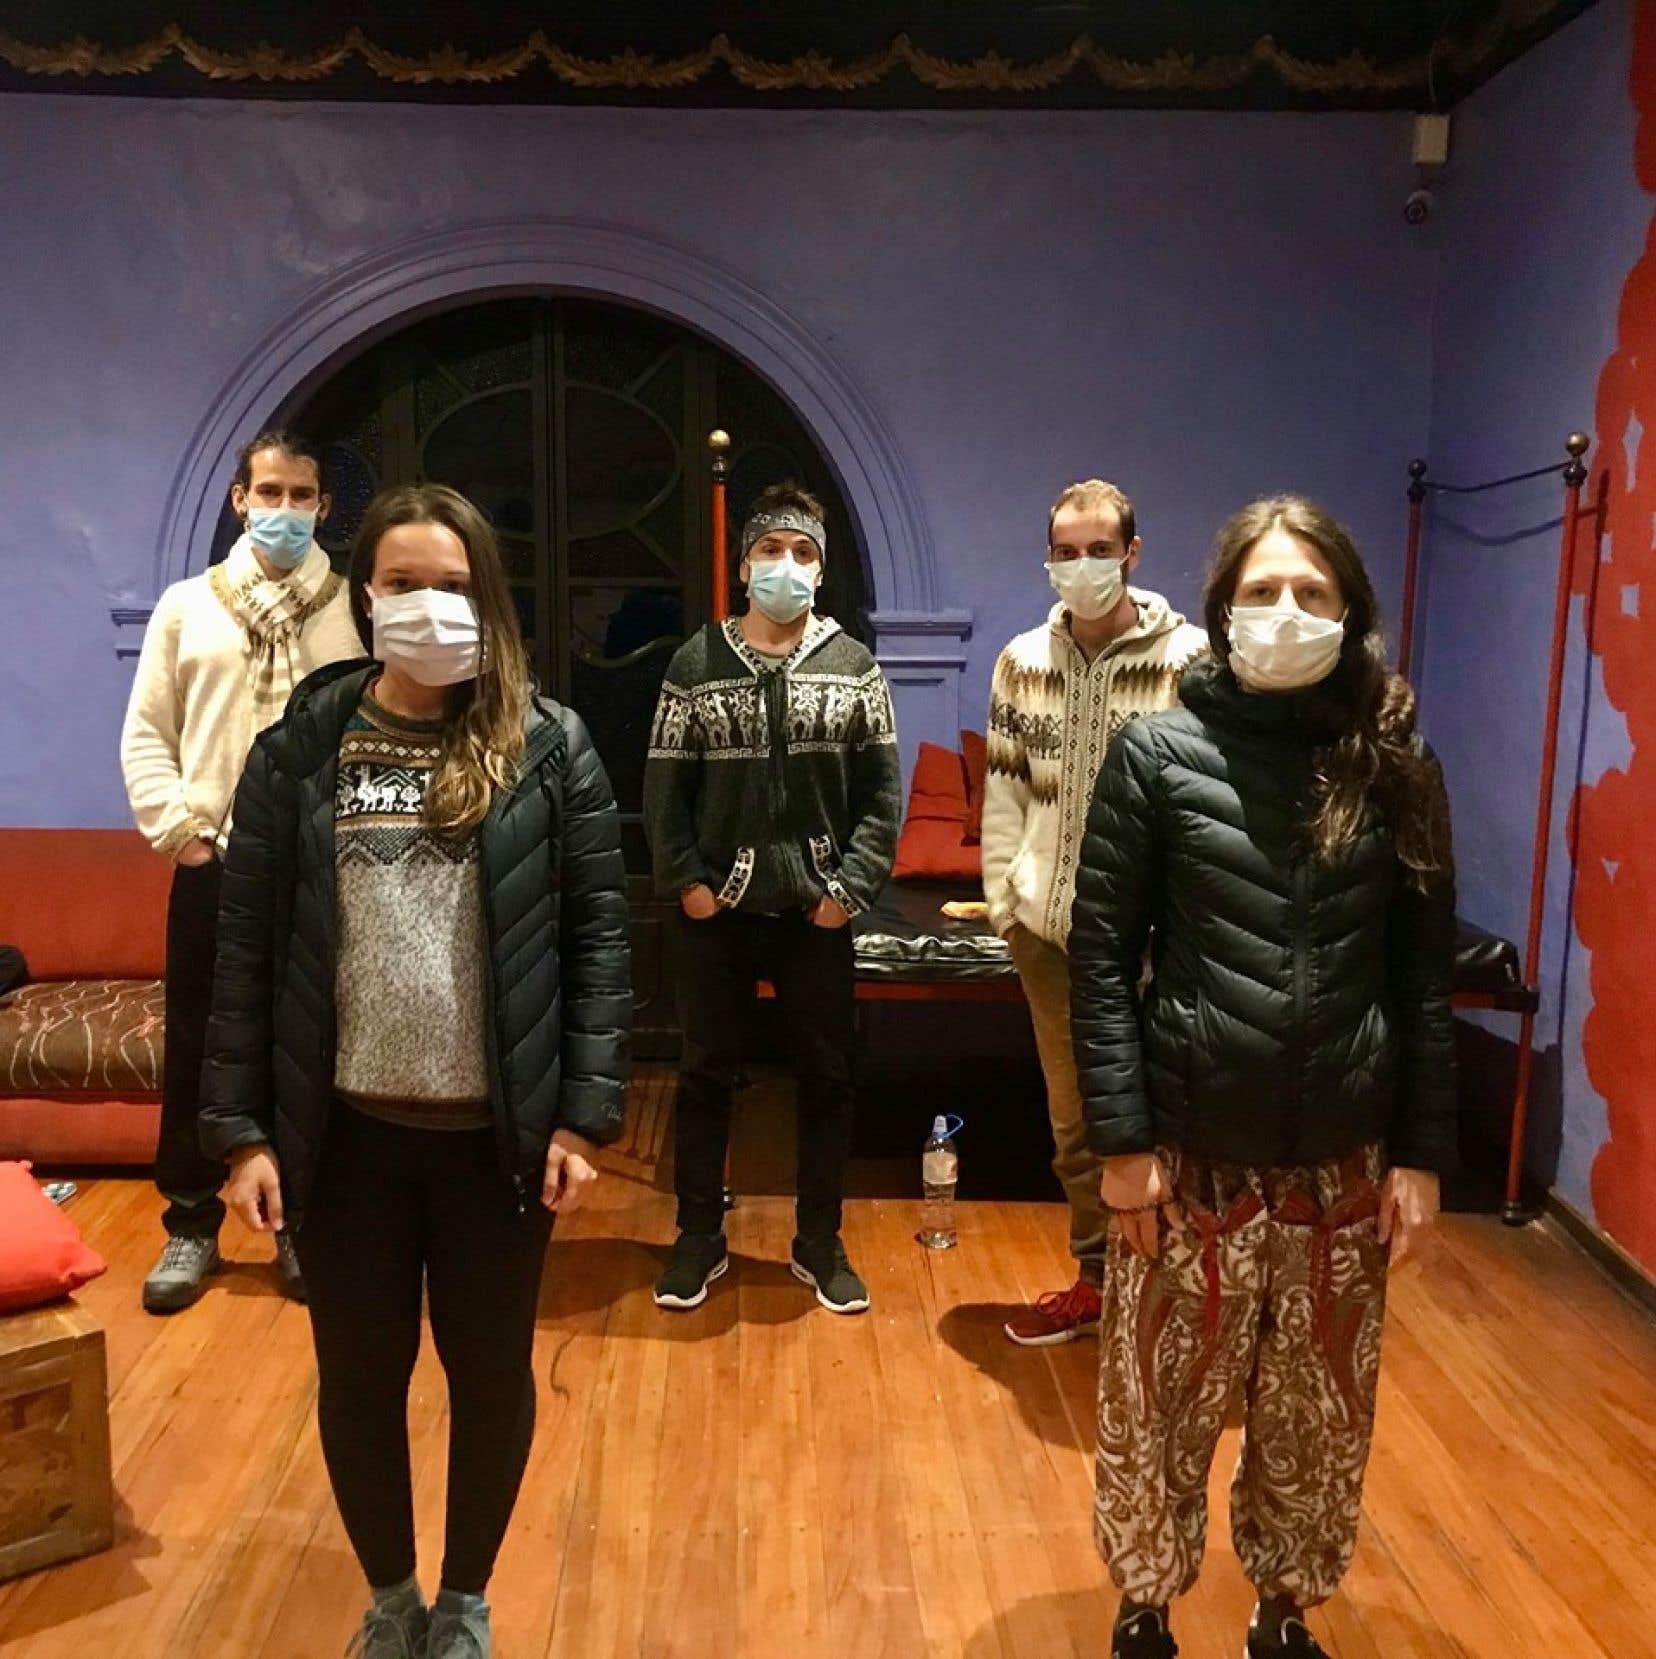 Parmi les neuf Canadiens confinés au Pariwana Hostel, cinq sont Québécois. Ils ont l'obligation de se déplacer avec un masque à l'intérieur de l'établissement.